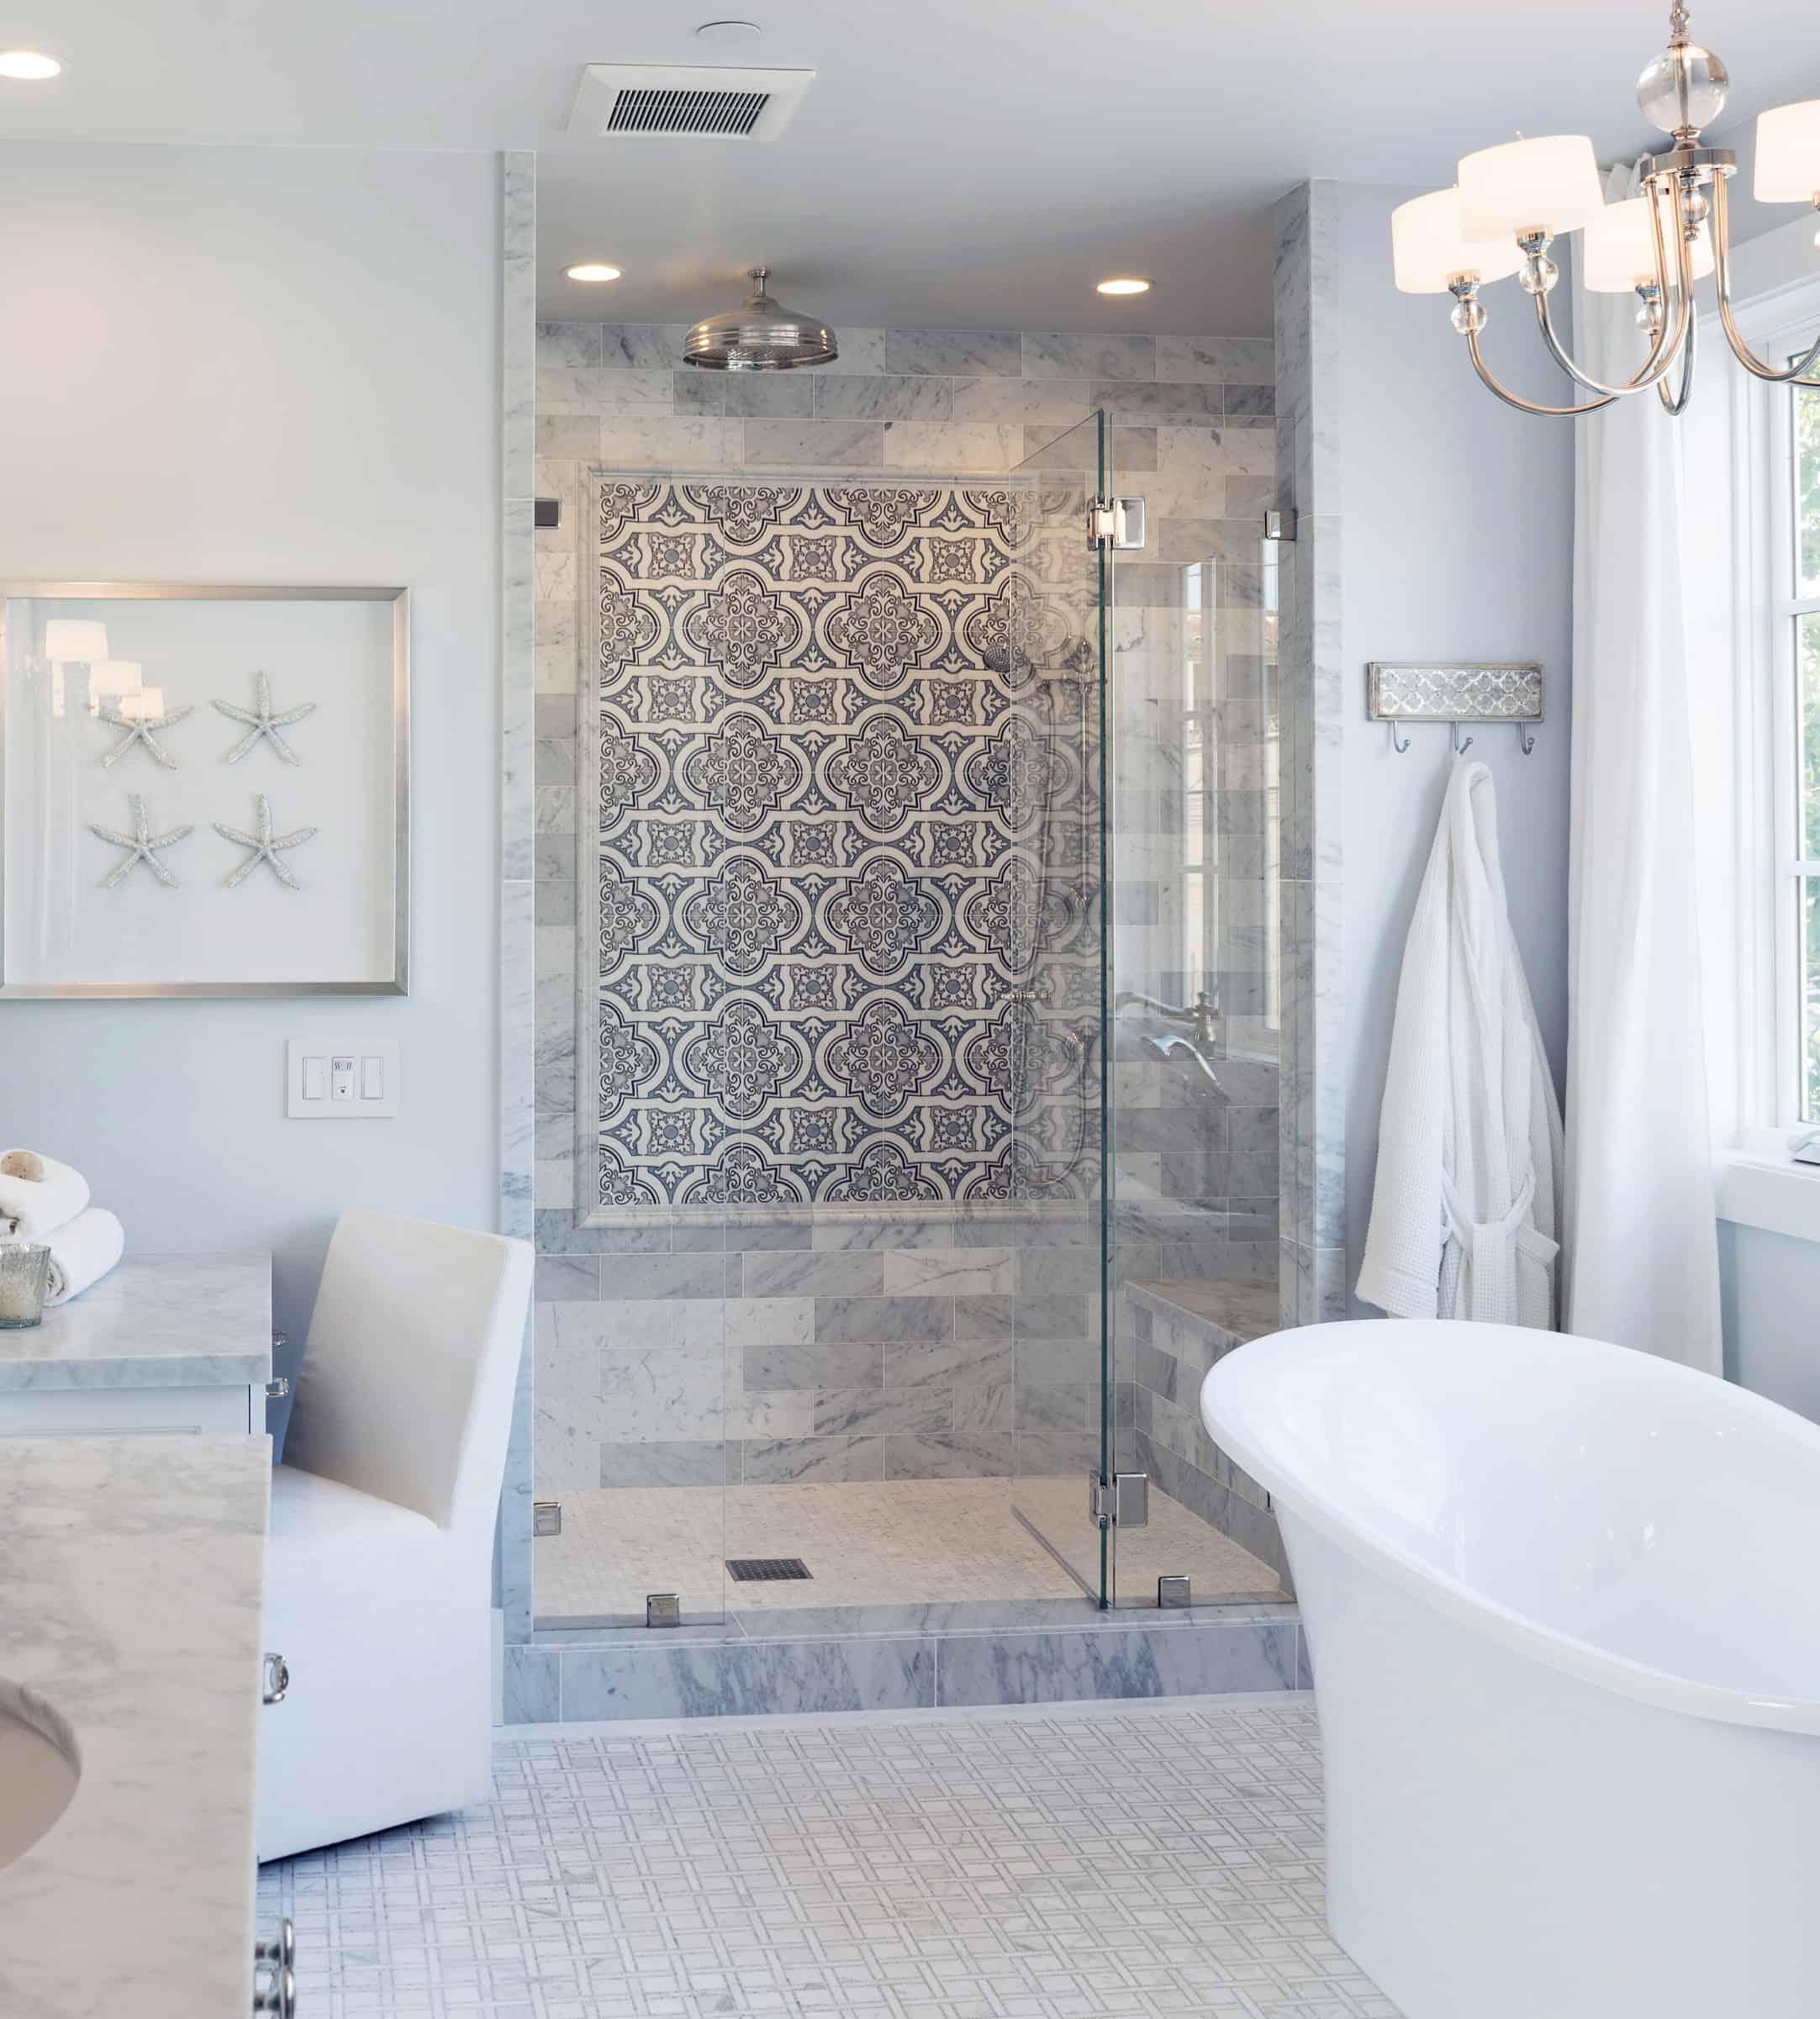 Lena backspash tile in modern master bathroom